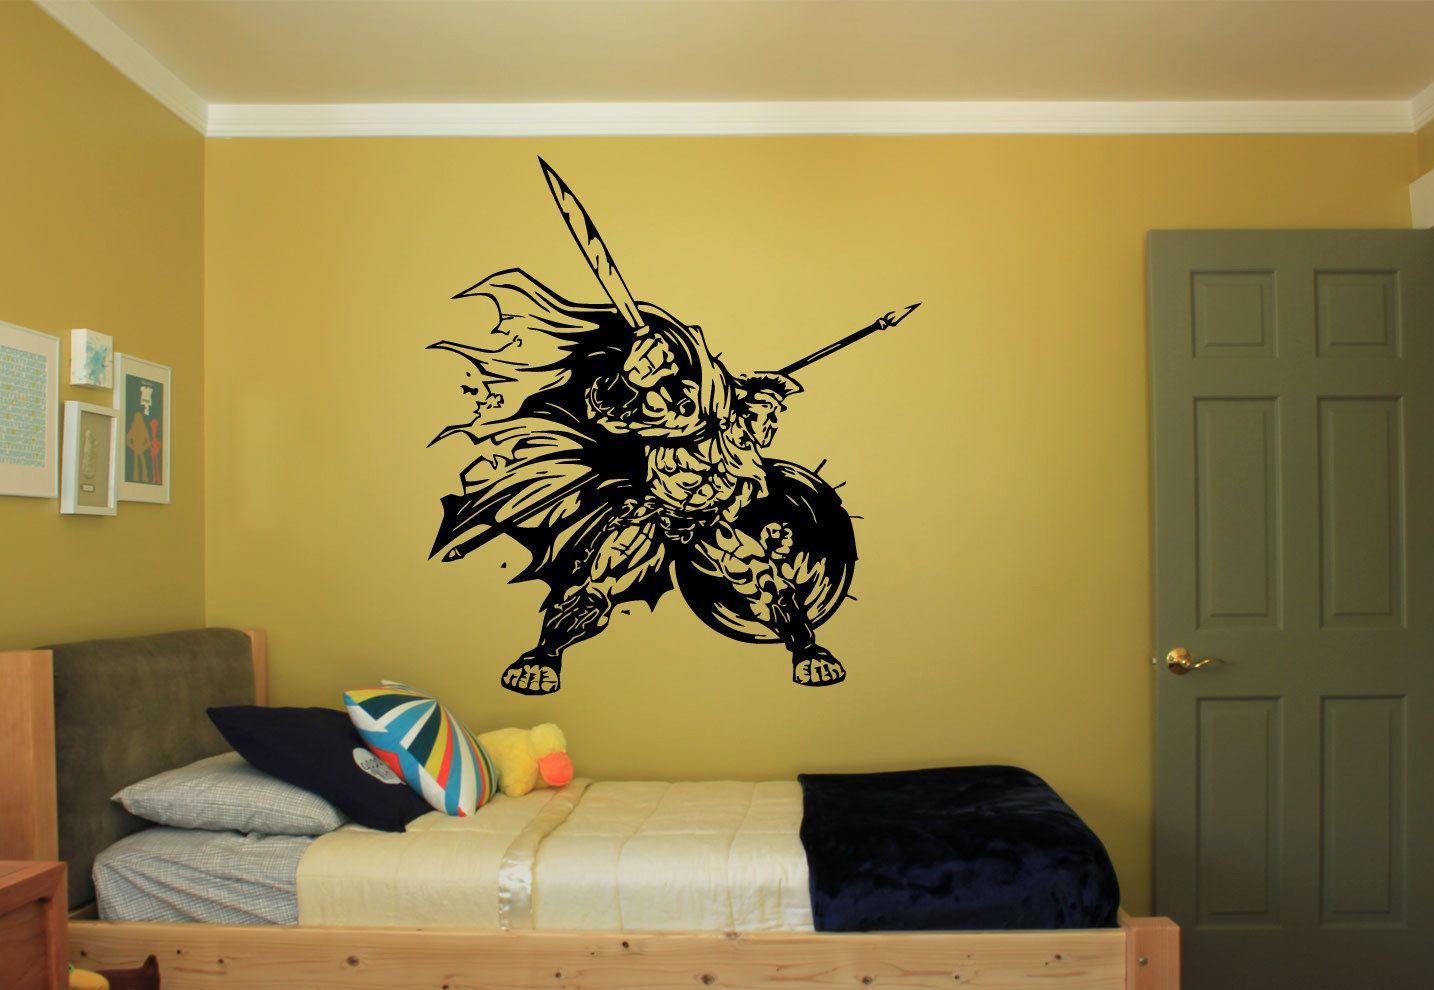 Wall Vinyl Sticker Decals Mural Room Design Pattern Art Decor Dance ...